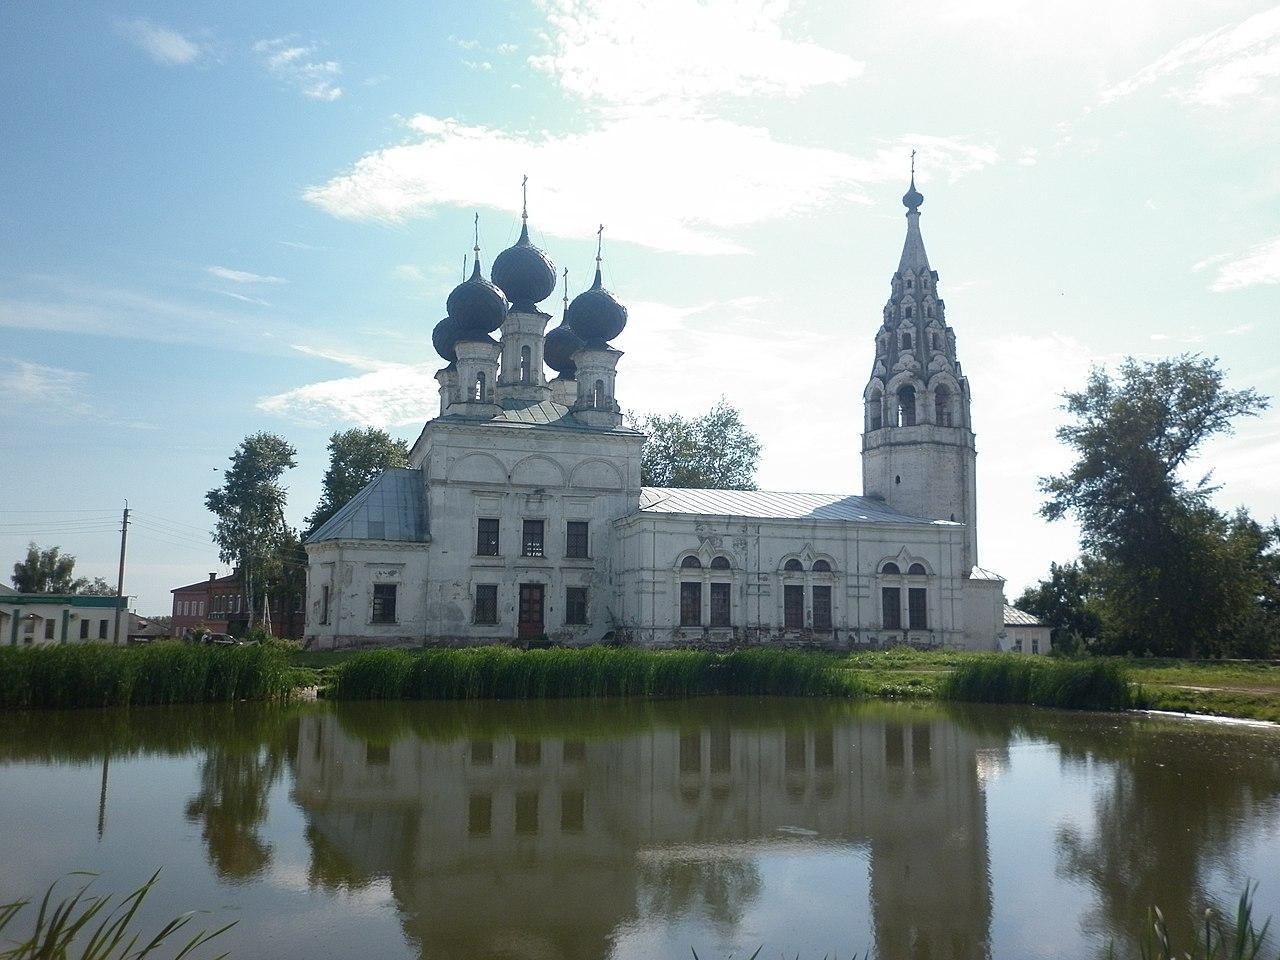 Церковь в селе Сусанино в Костромской области.jpg